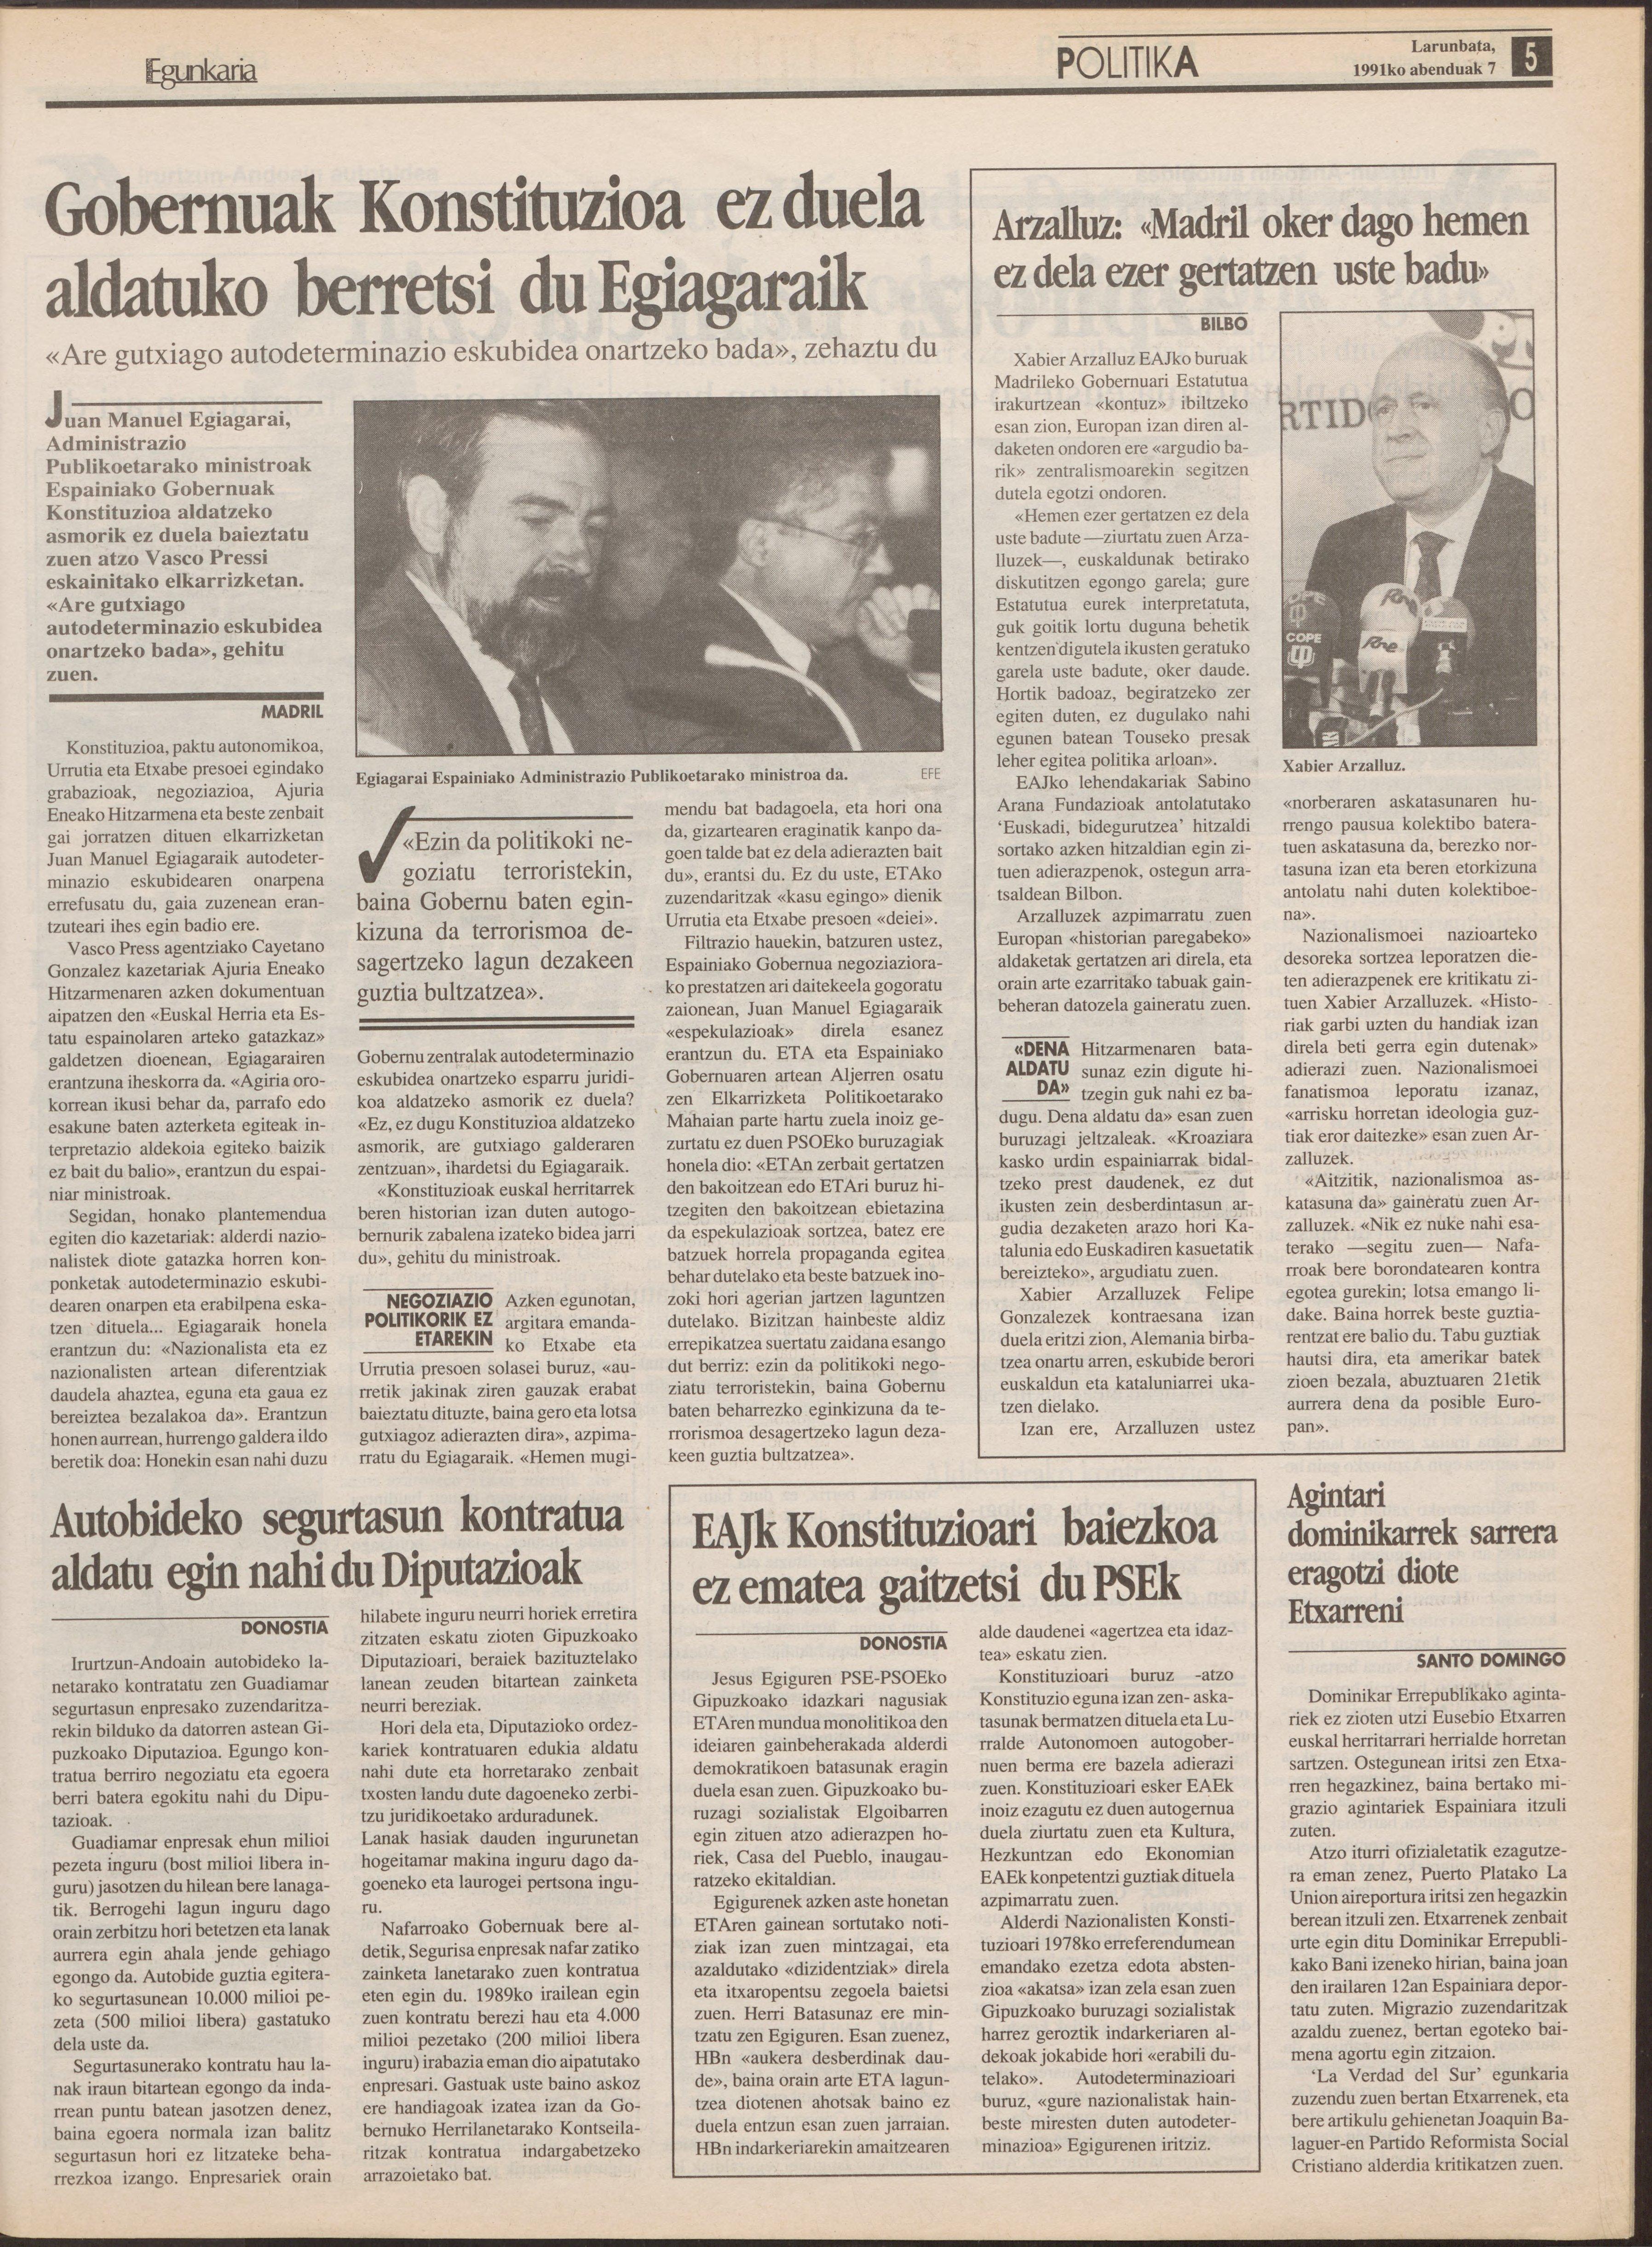 1991ko abenduak 7, 05. orrialdea